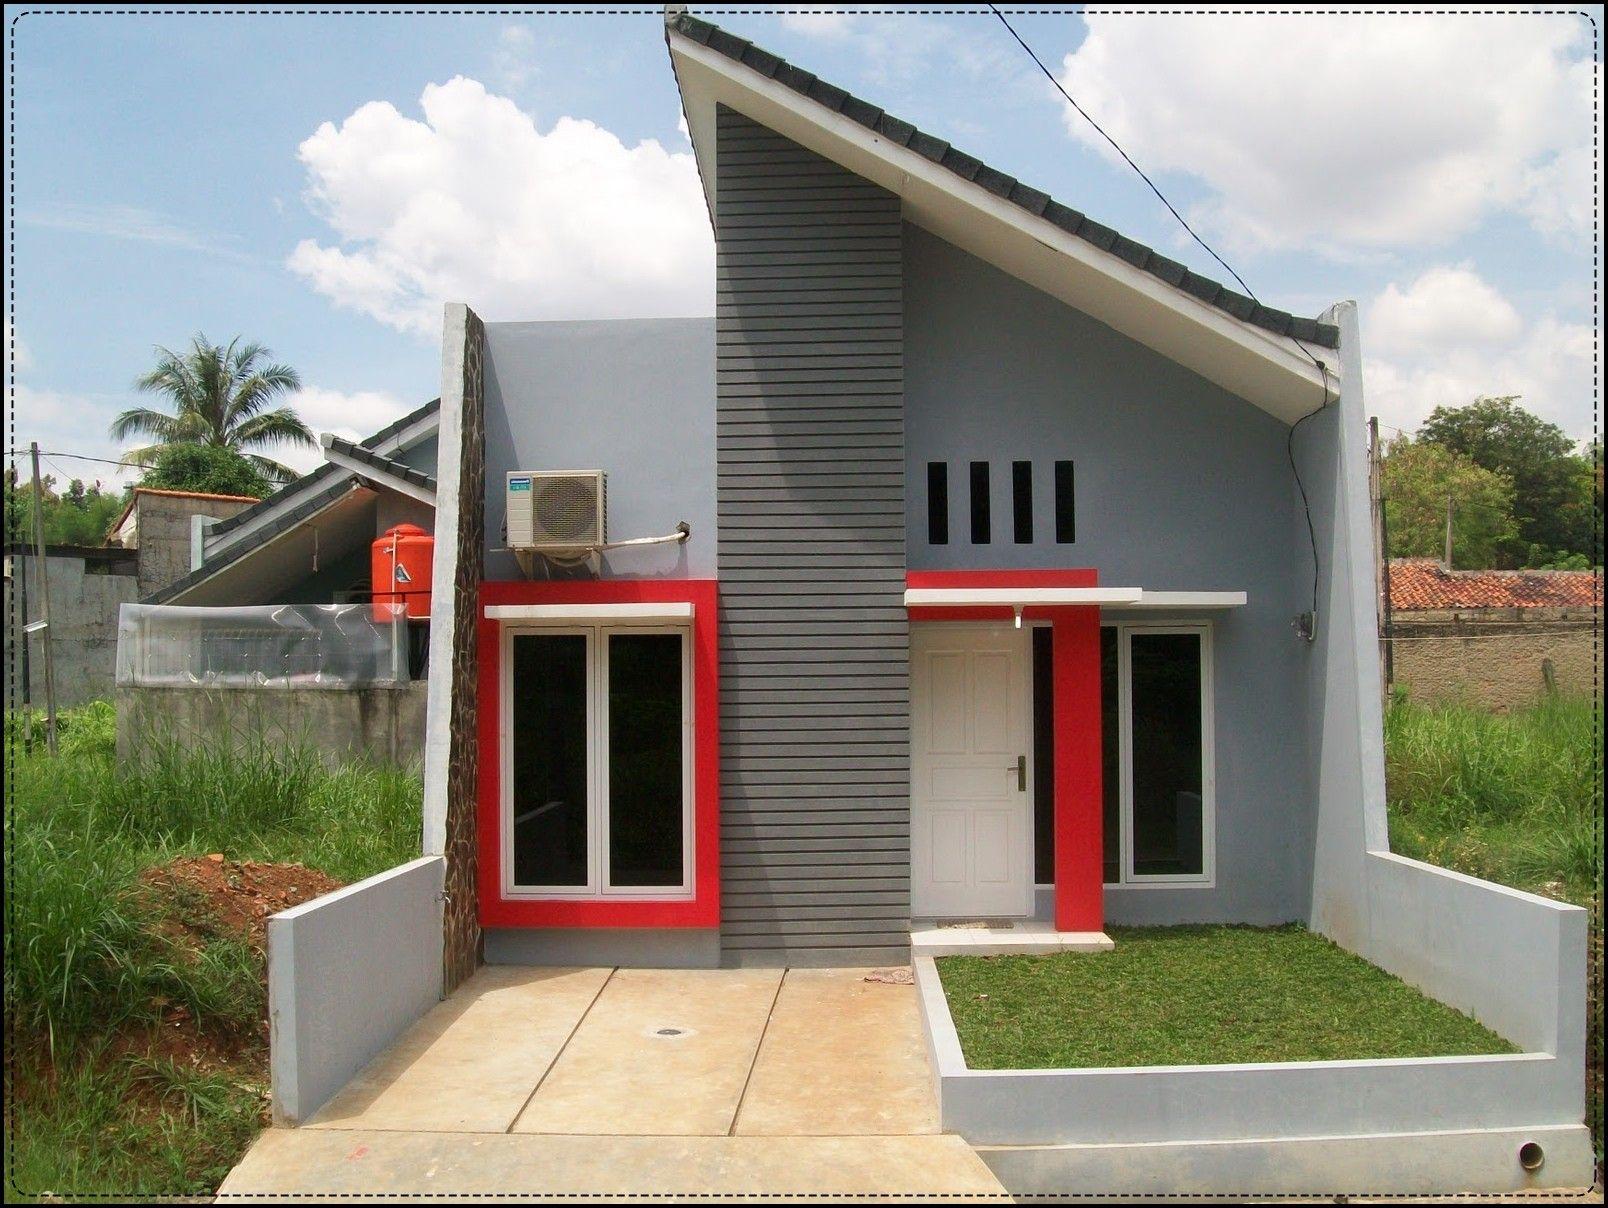 Desain Rumah Minimalis Harga 70 Juta Rumah Minimalis Desain Rumah Minimalis Desain Rumah